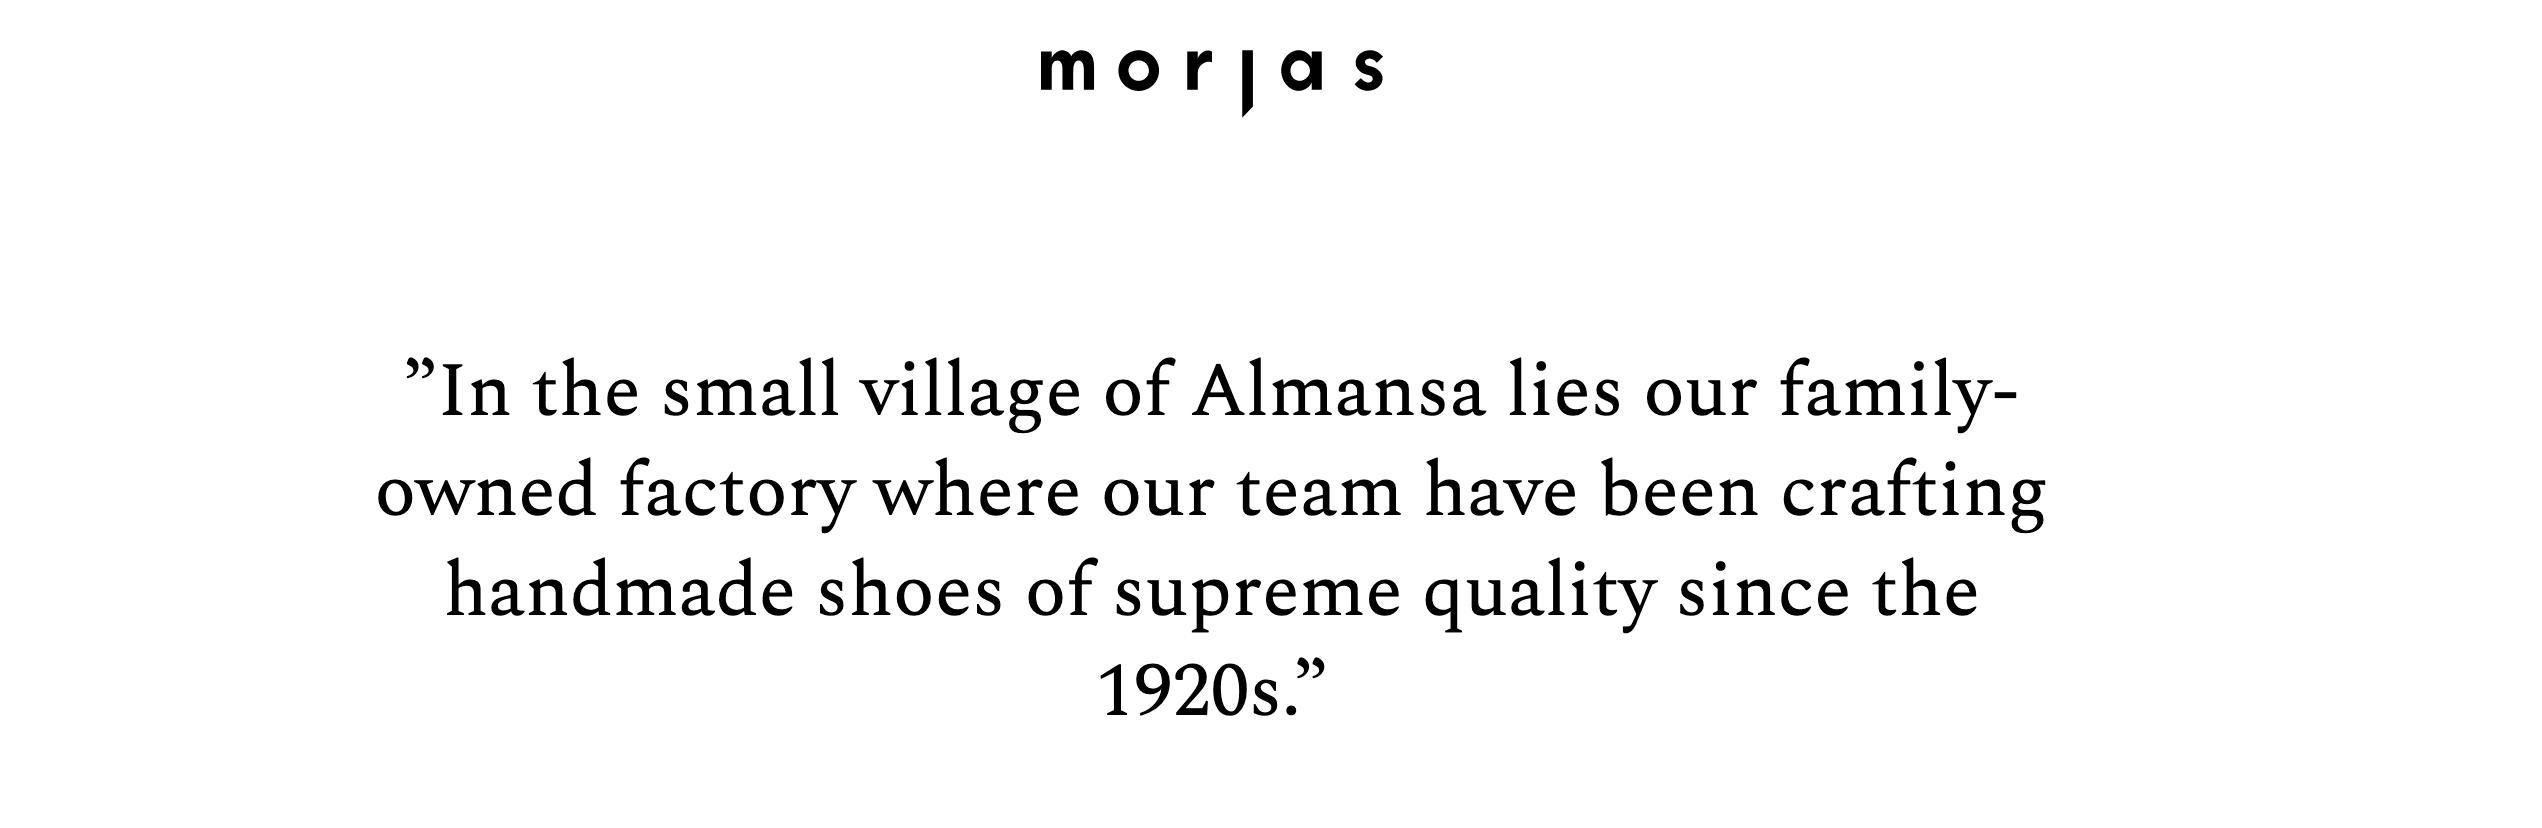 """Morjas, la marque d'entrée de gamme Suédoise qui fait fabriquer """"à la main"""" chez Sendra. (source : morjas)"""